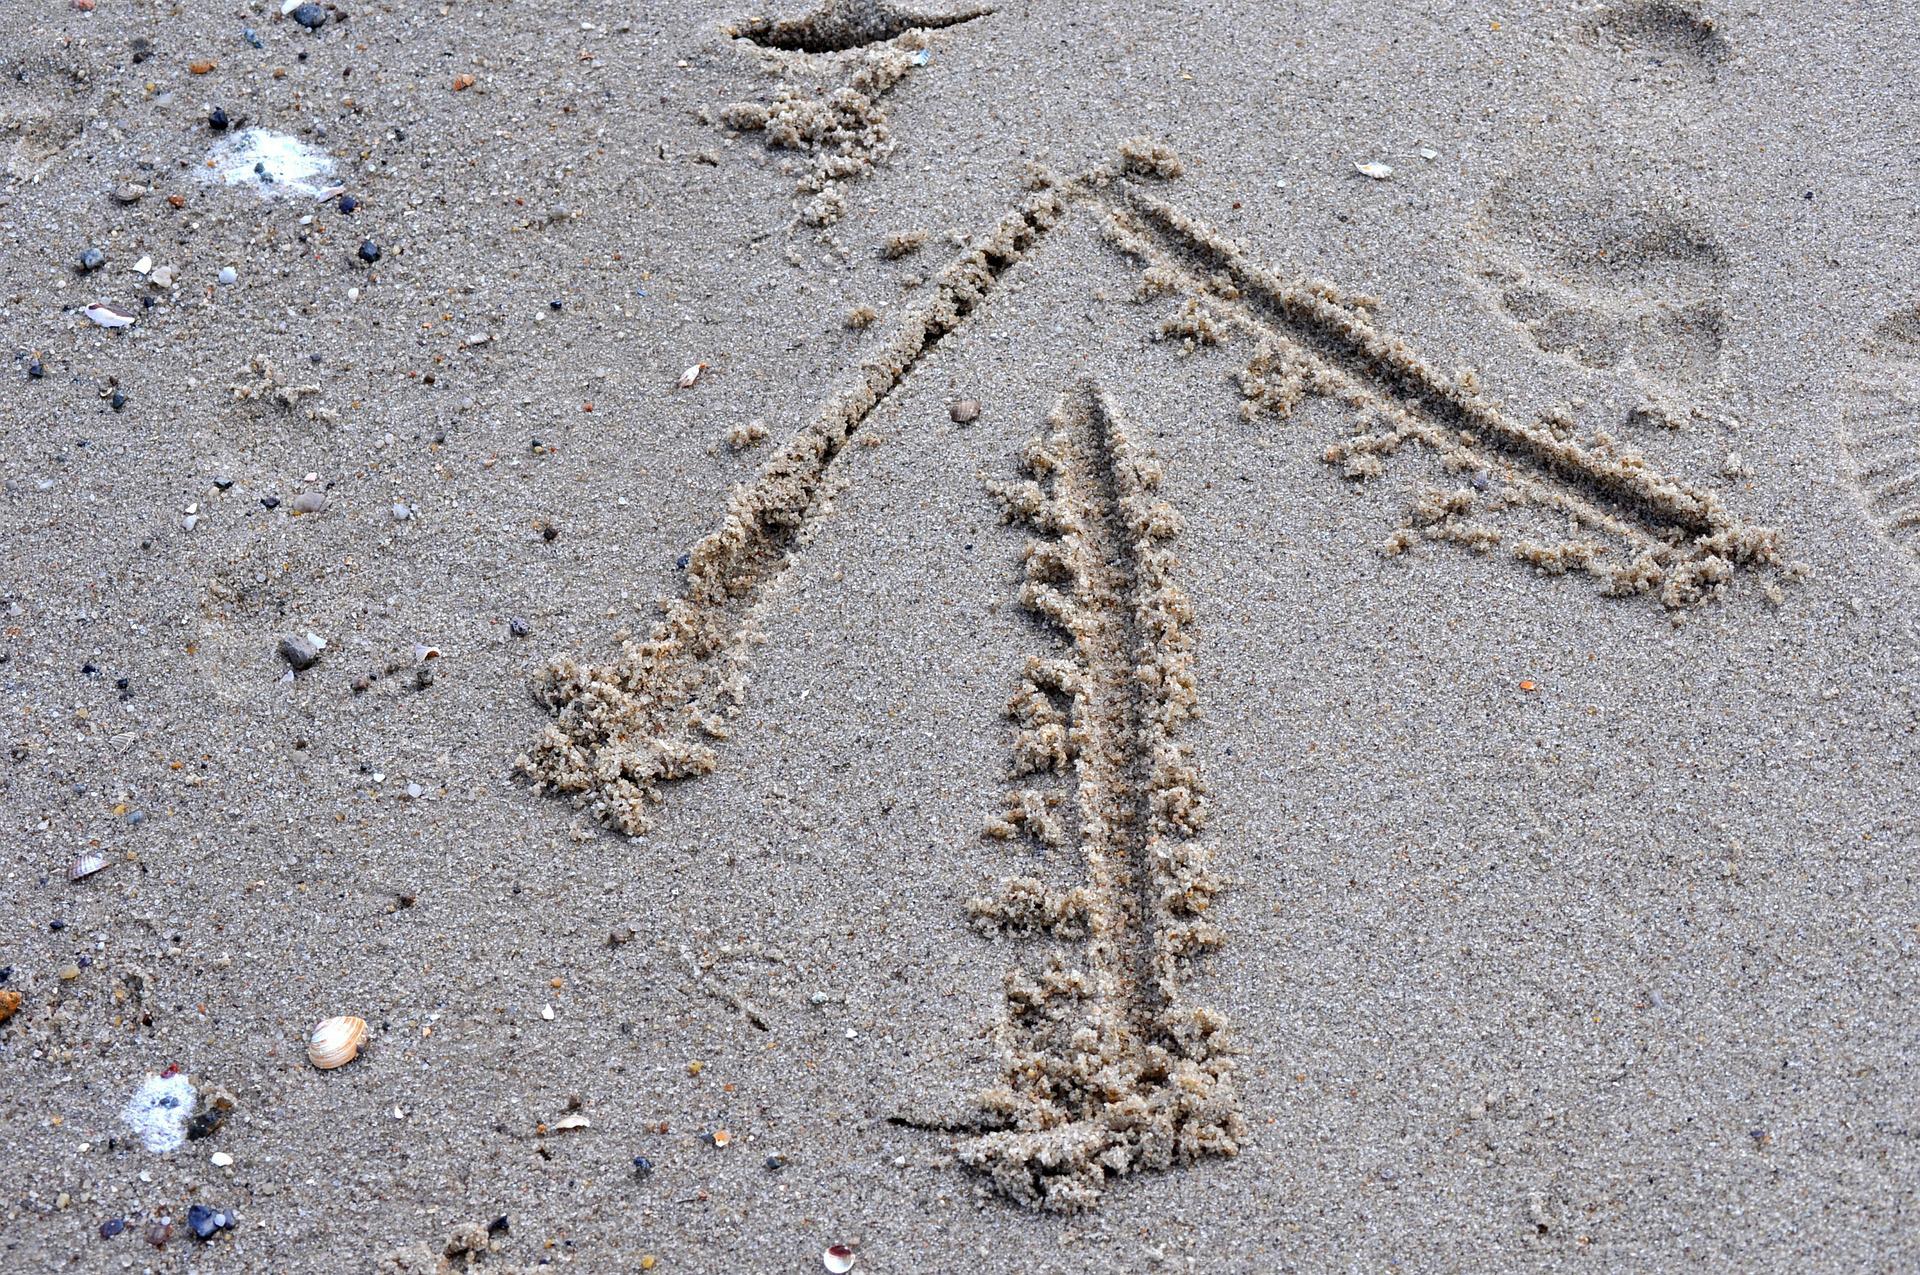 En pil er tegnet i sanden, antagelig ved stranden.